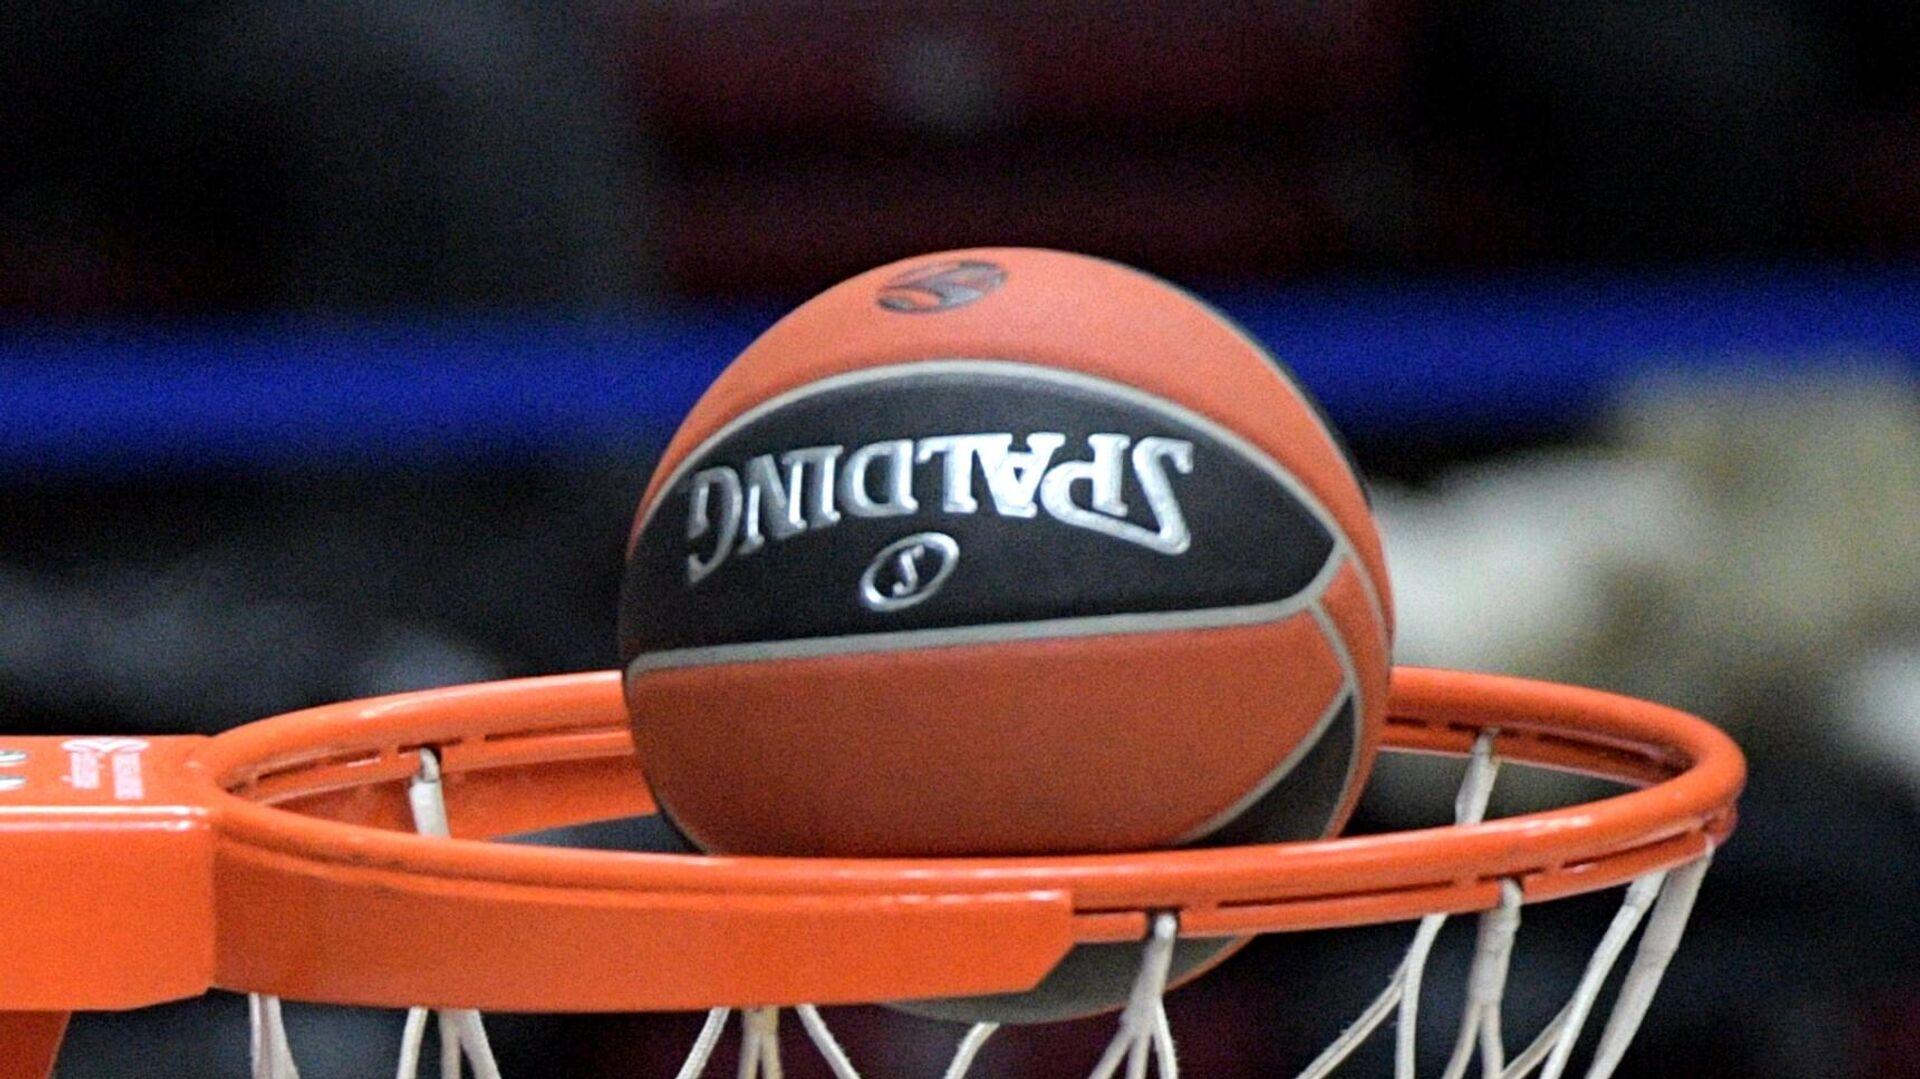 Баскетбольный мяч - РИА Новости, 1920, 22.01.2021